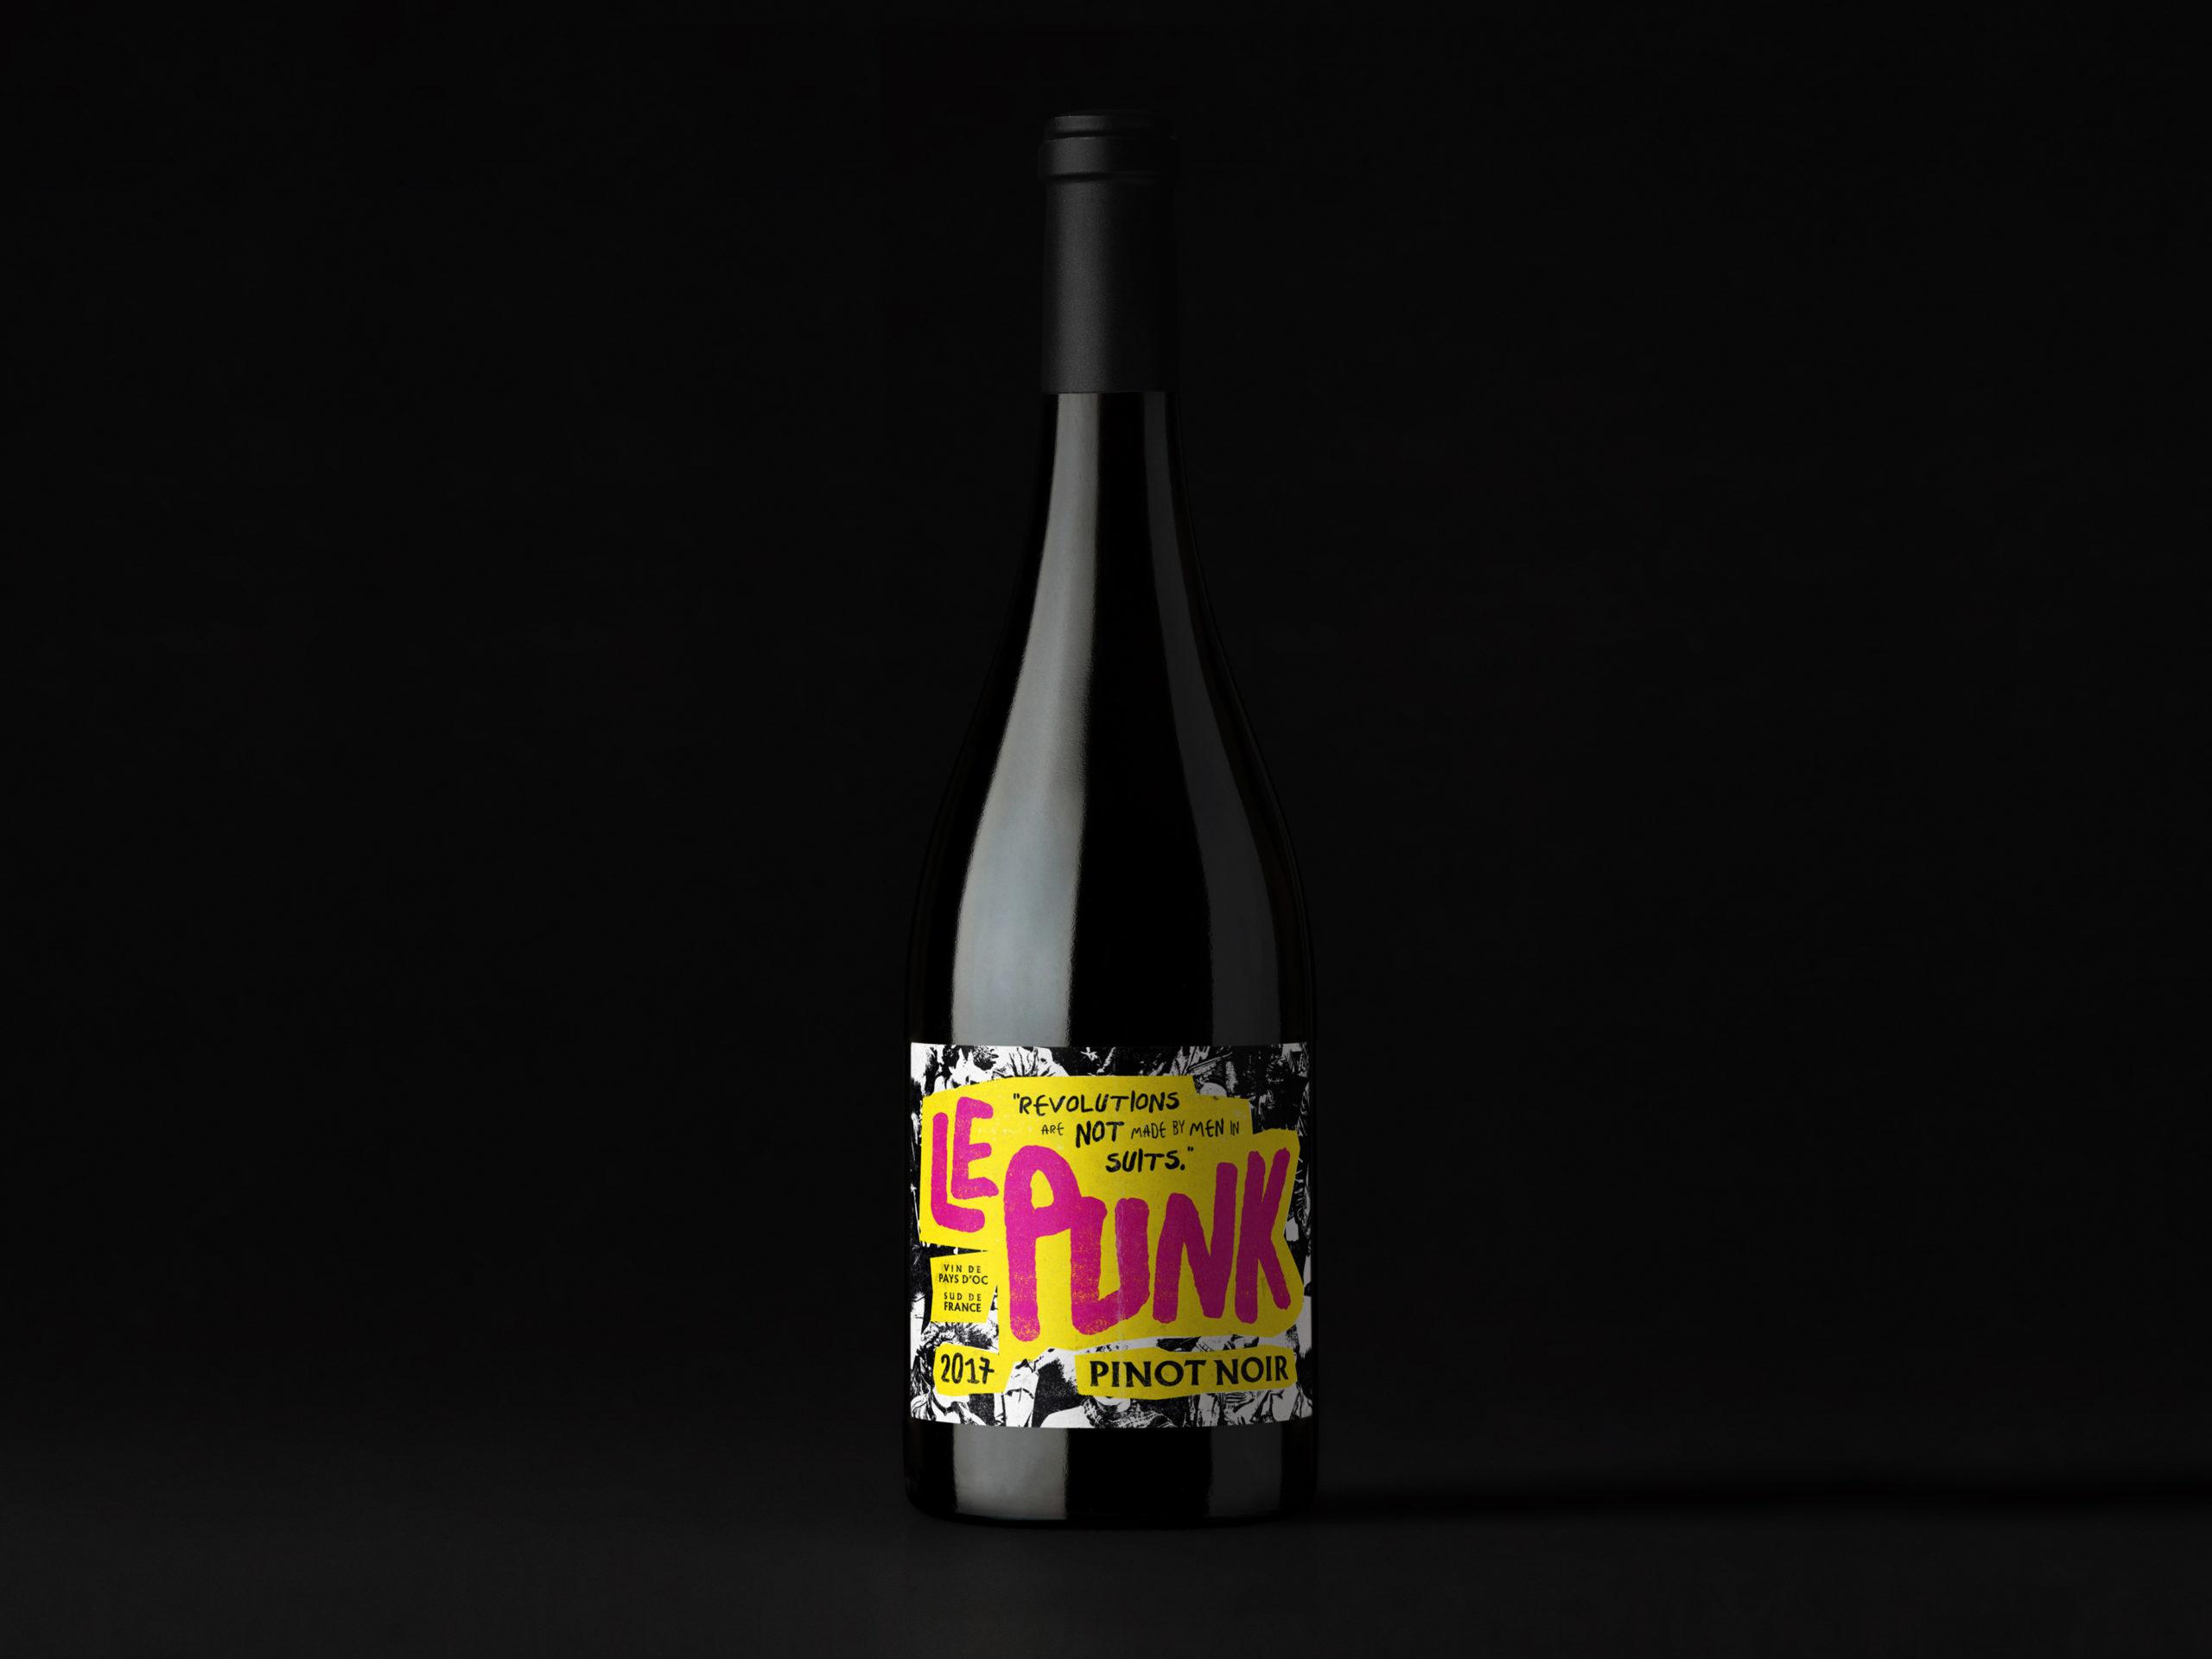 Le Punk Pinot Noir Wine